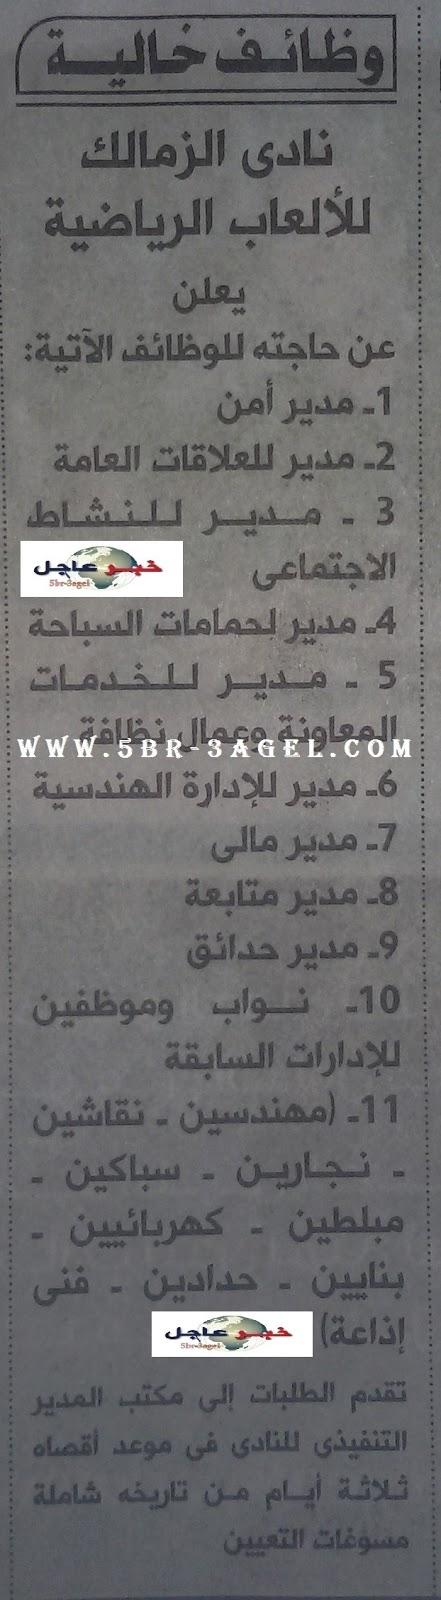 الاعلان عن وظائف خالية فى نادى الزمالك منشور اليوم بالاهرام 10 / 7 / 2015